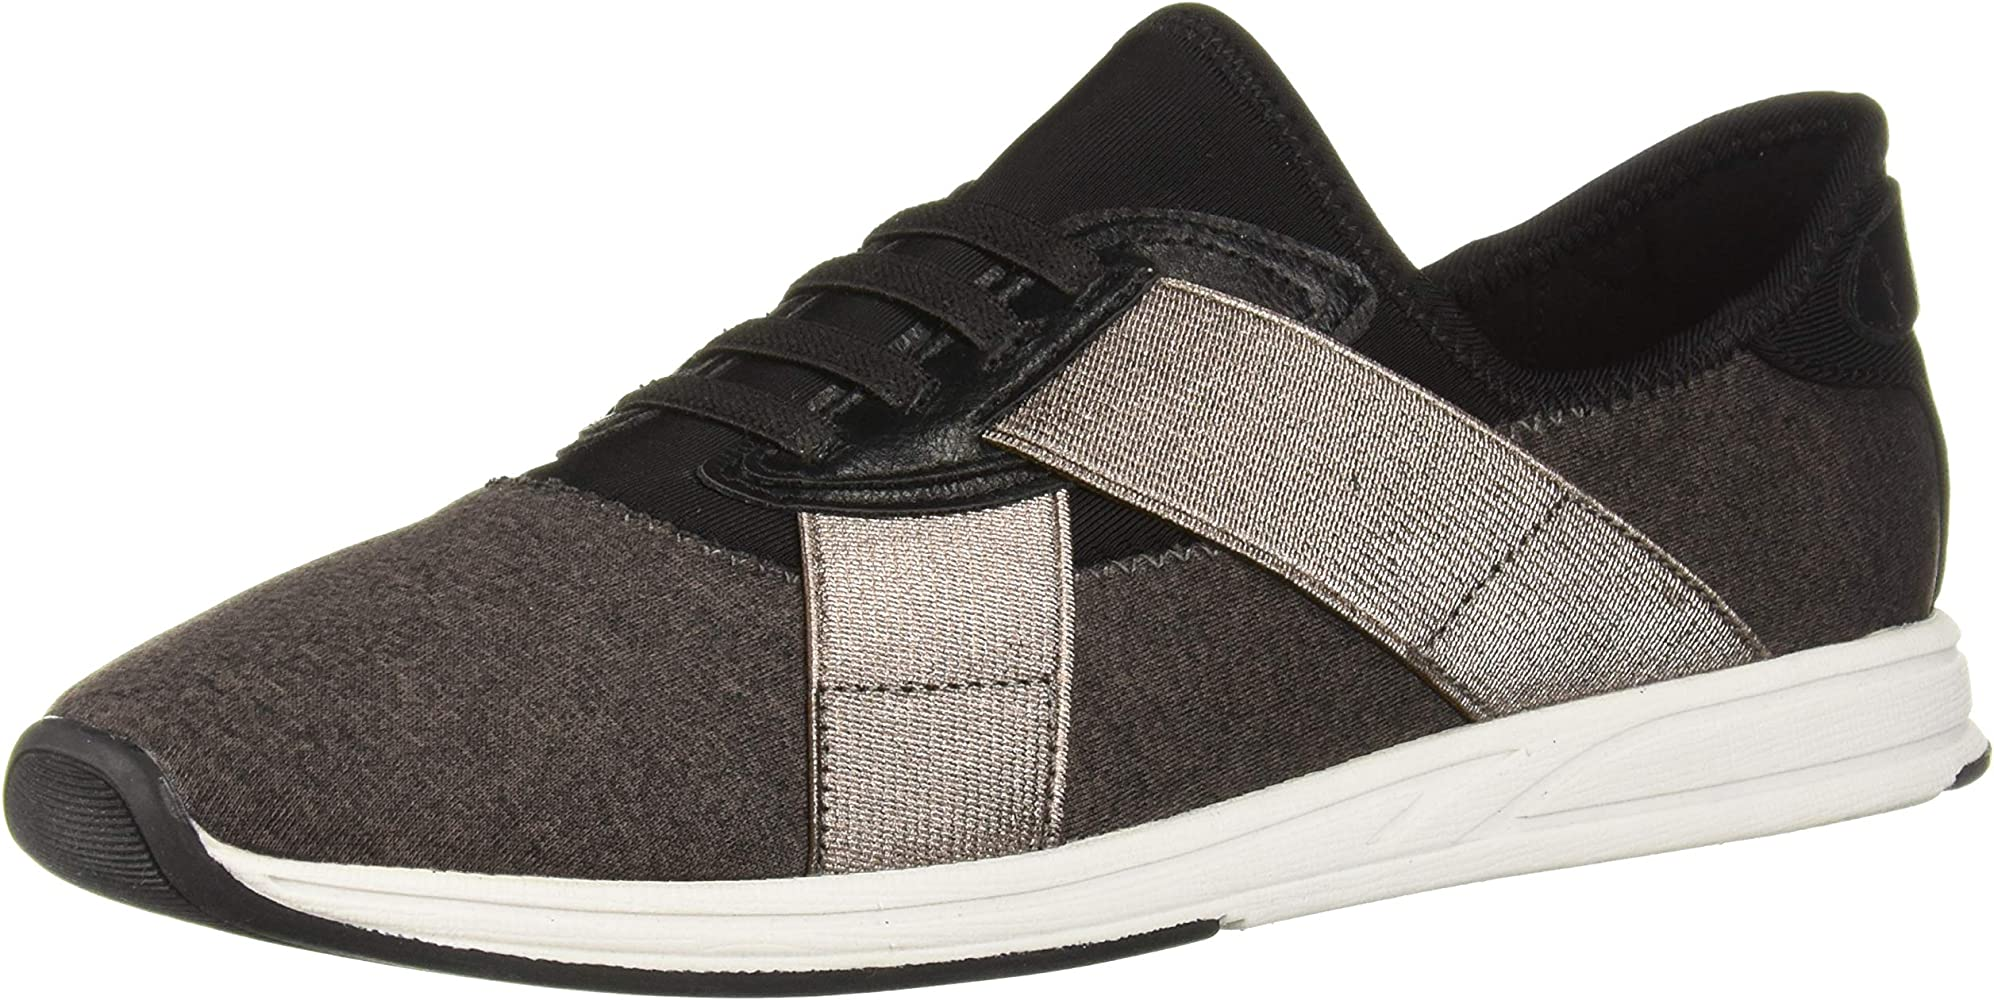 Aerosoles 1ST Single Sneaker